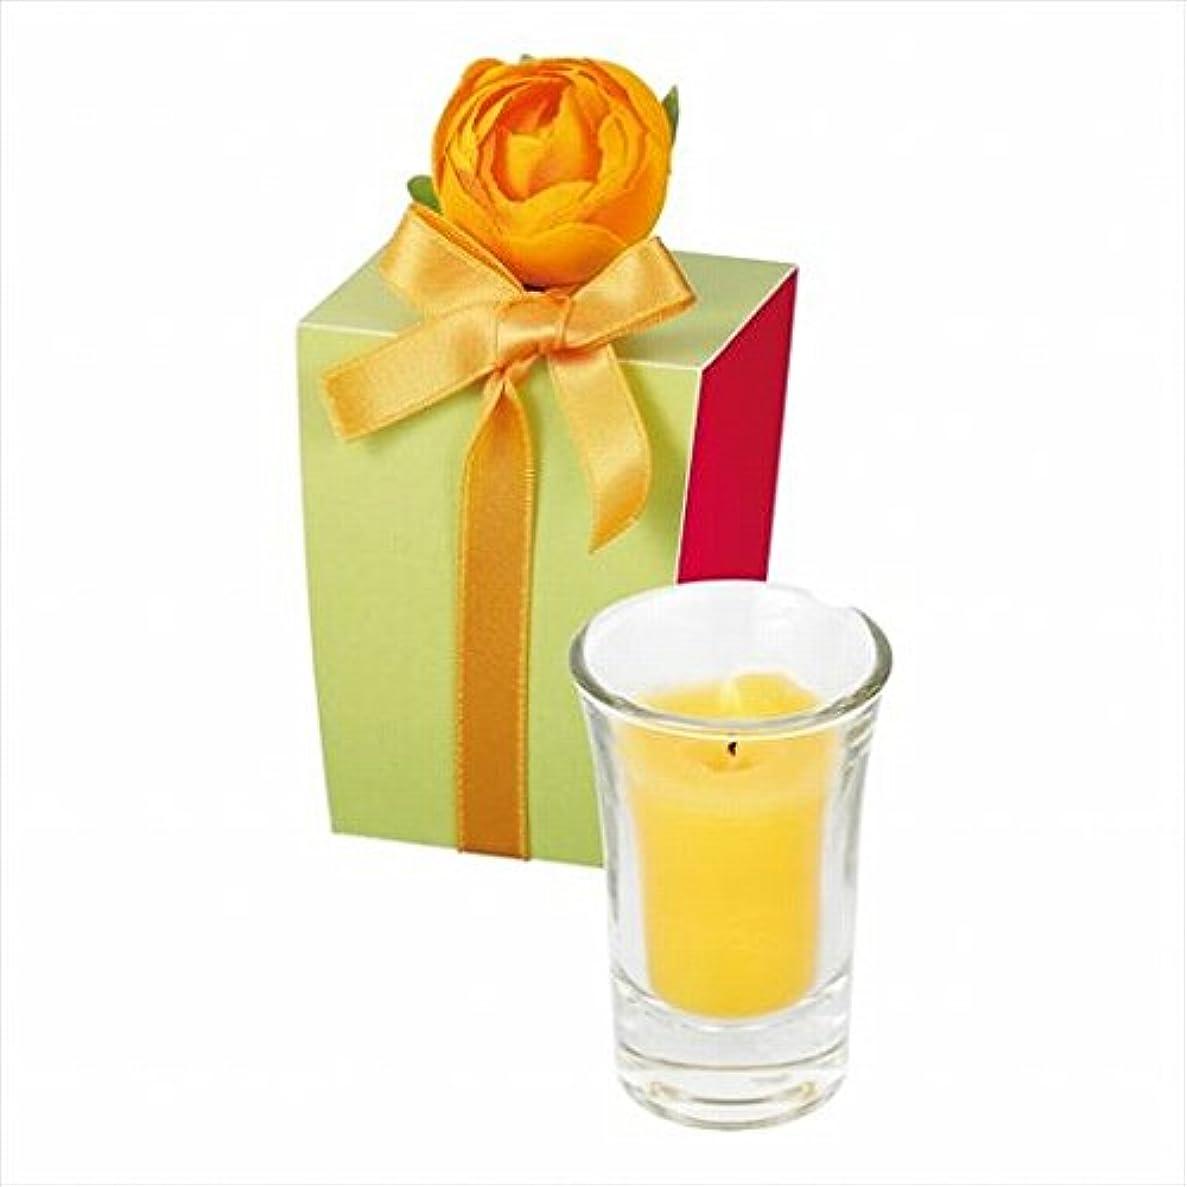 天窓分析的な助けになるカメヤマキャンドル(kameyama candle) ラナンキュラスグラスキャンドル 「 イエロー 」